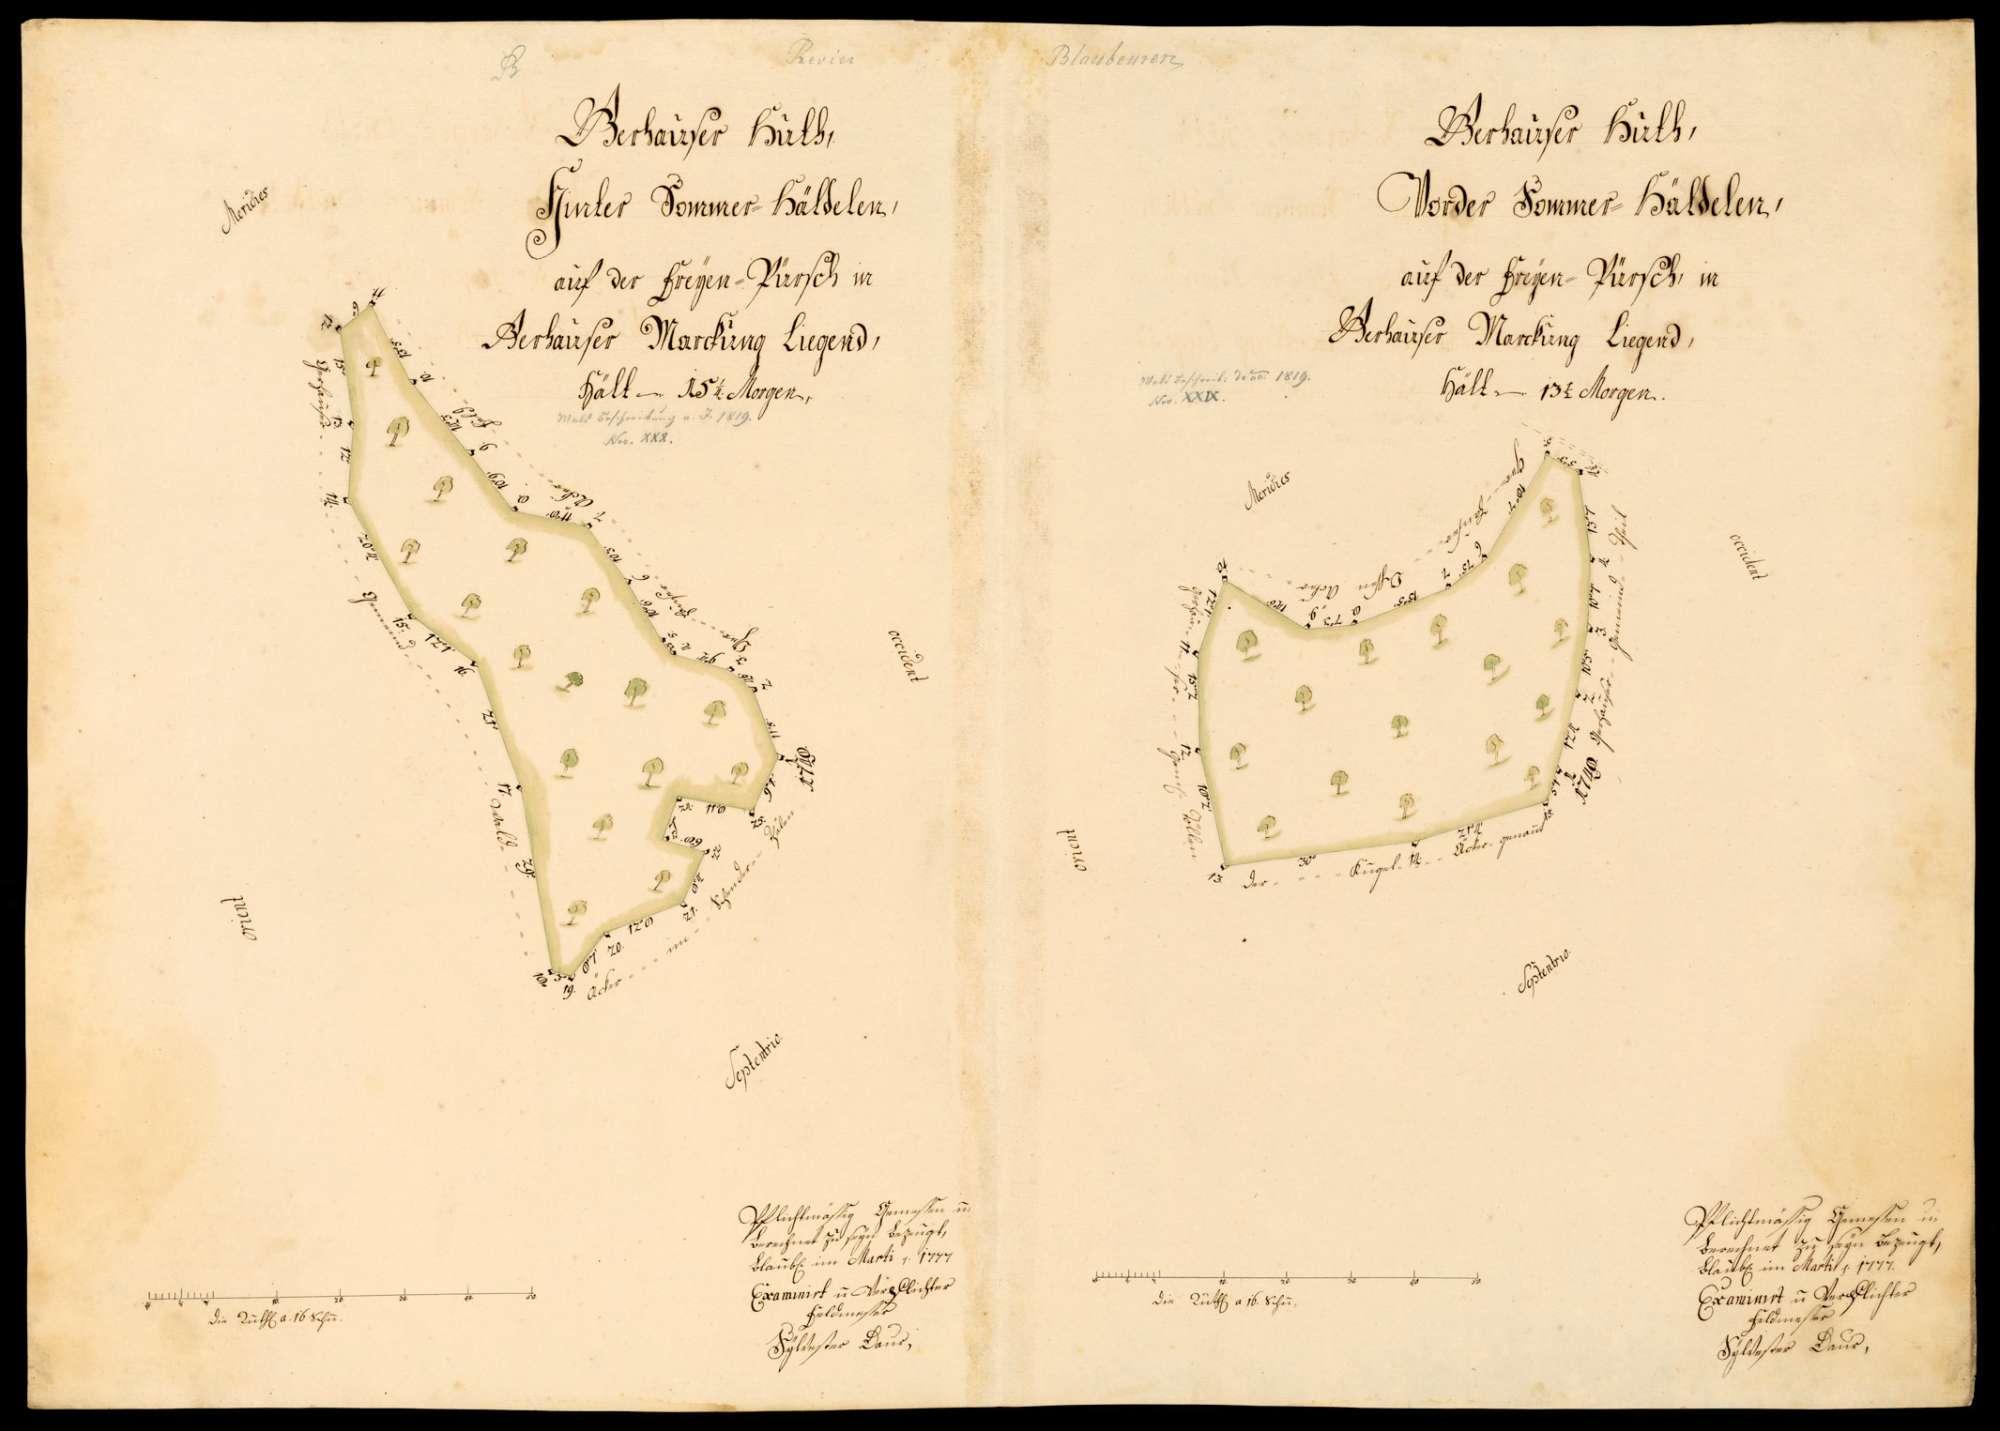 """[Kloster Blaubeuren:] """"Gerhauser Hut, Hinter- und Vorder-Sommerhälden, auf der freien Pirsch in Gerhauser Markung liegend"""", Bild 1"""